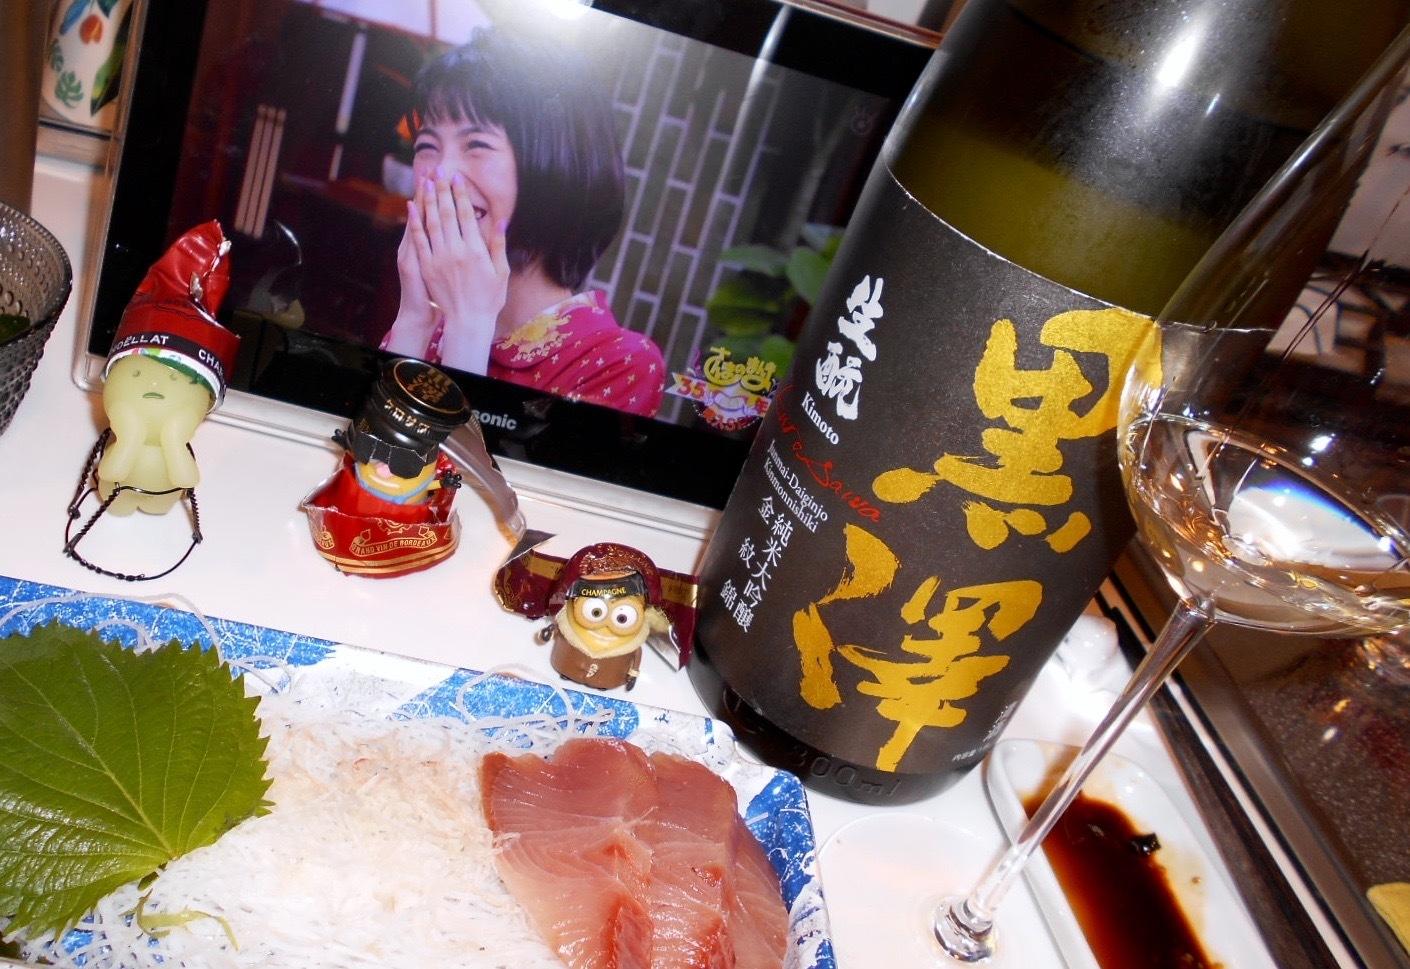 kurosawa_kinmon28by6_5.jpg